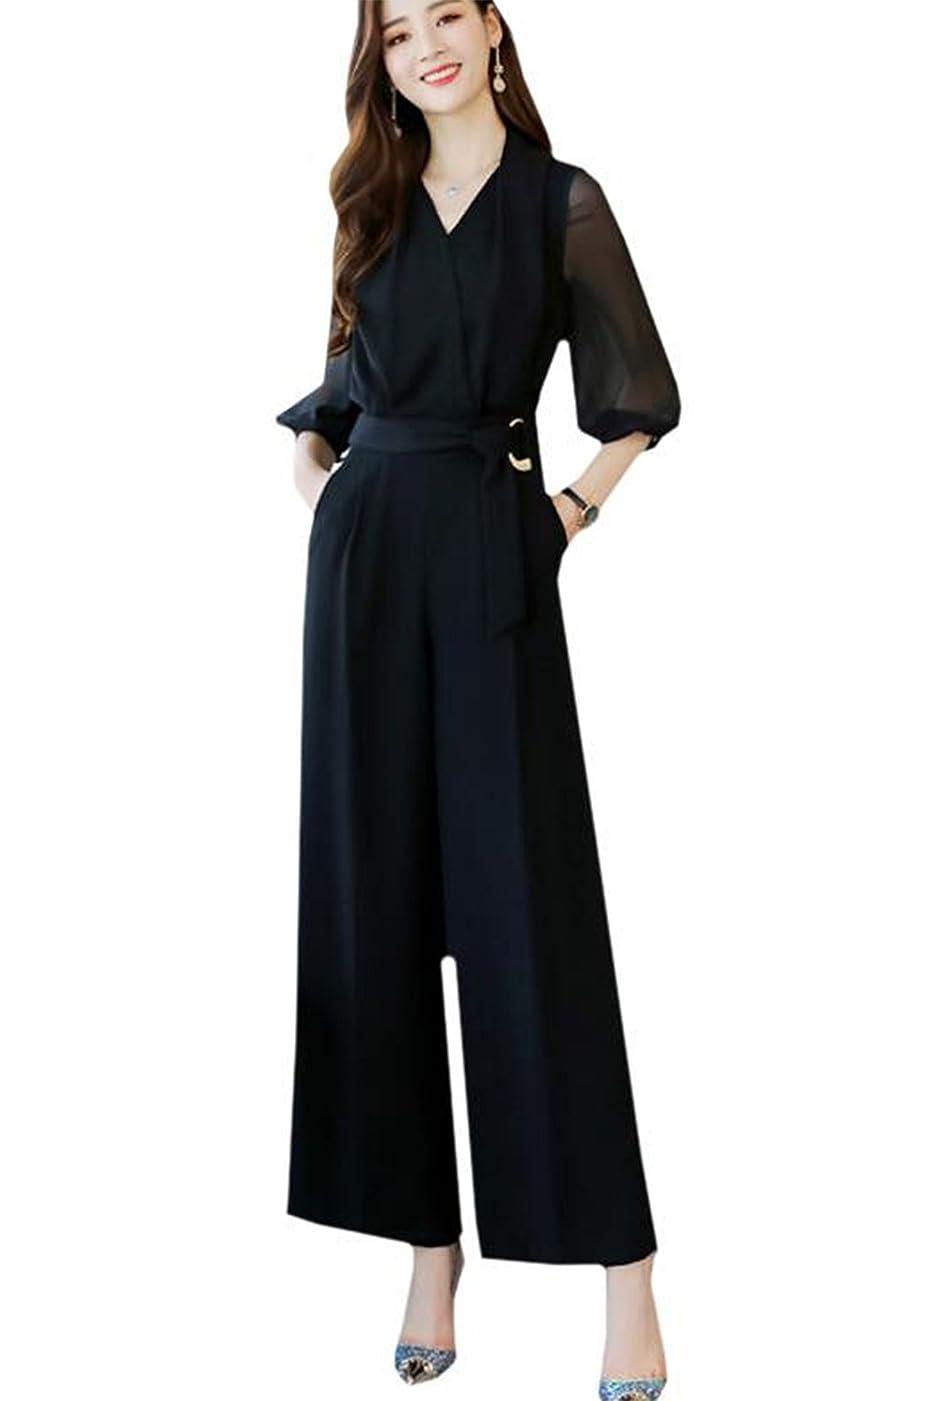 証書つぼみ活力[ ナチュシー ] レディース パンツ ドレス セットアップ オールインワン フォーマル シースルー レース パーティ- 結婚式